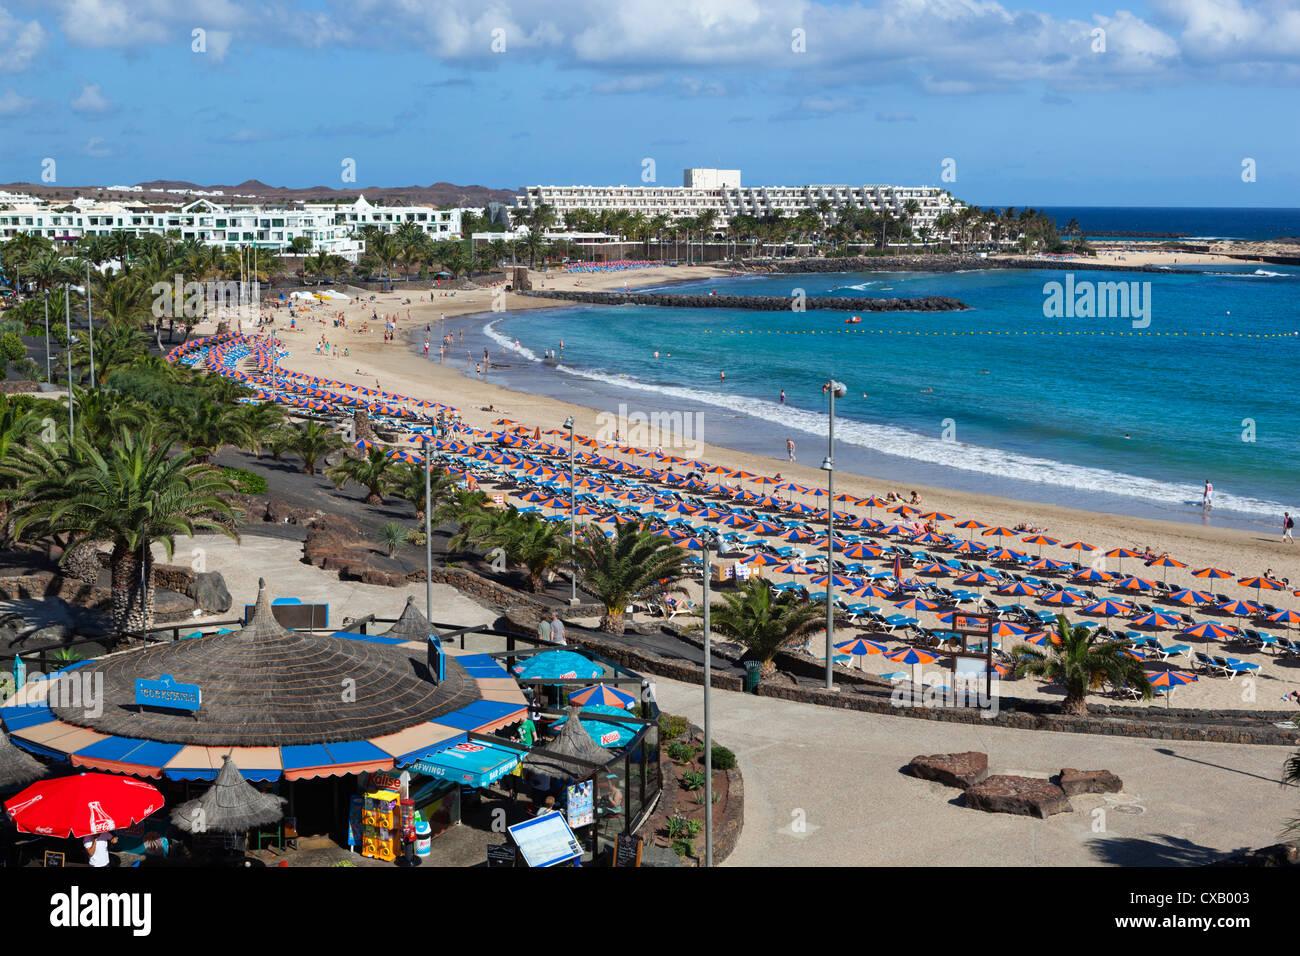 Playa de las Cucharas, Costa Teguise, Lanzarote, Canary Islands, Spain, Atlantic, Europe - Stock Image